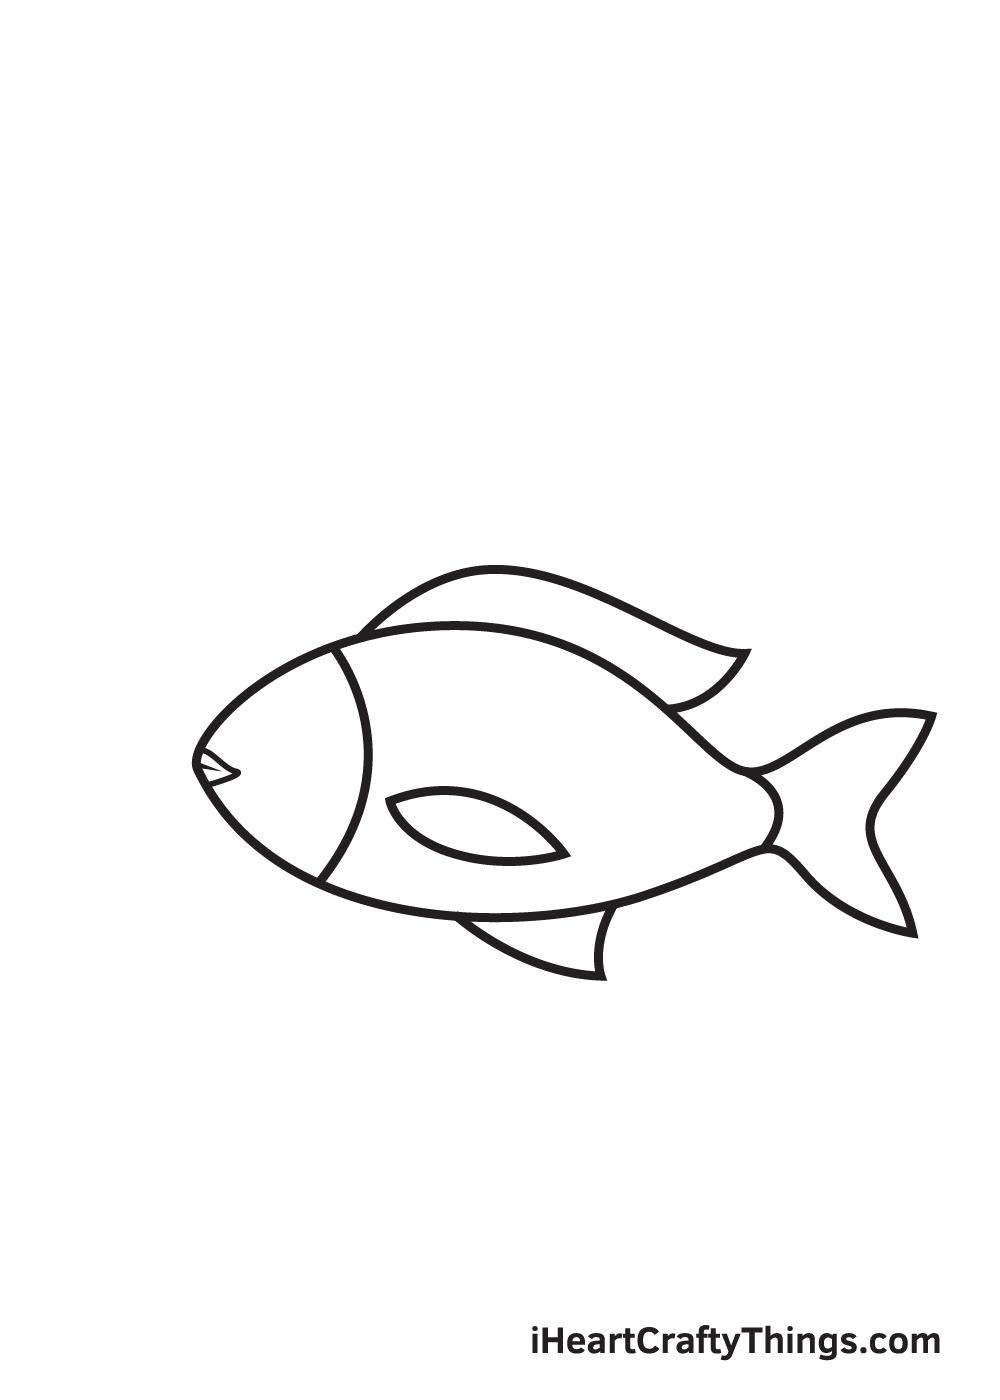 fish drawing - step 6